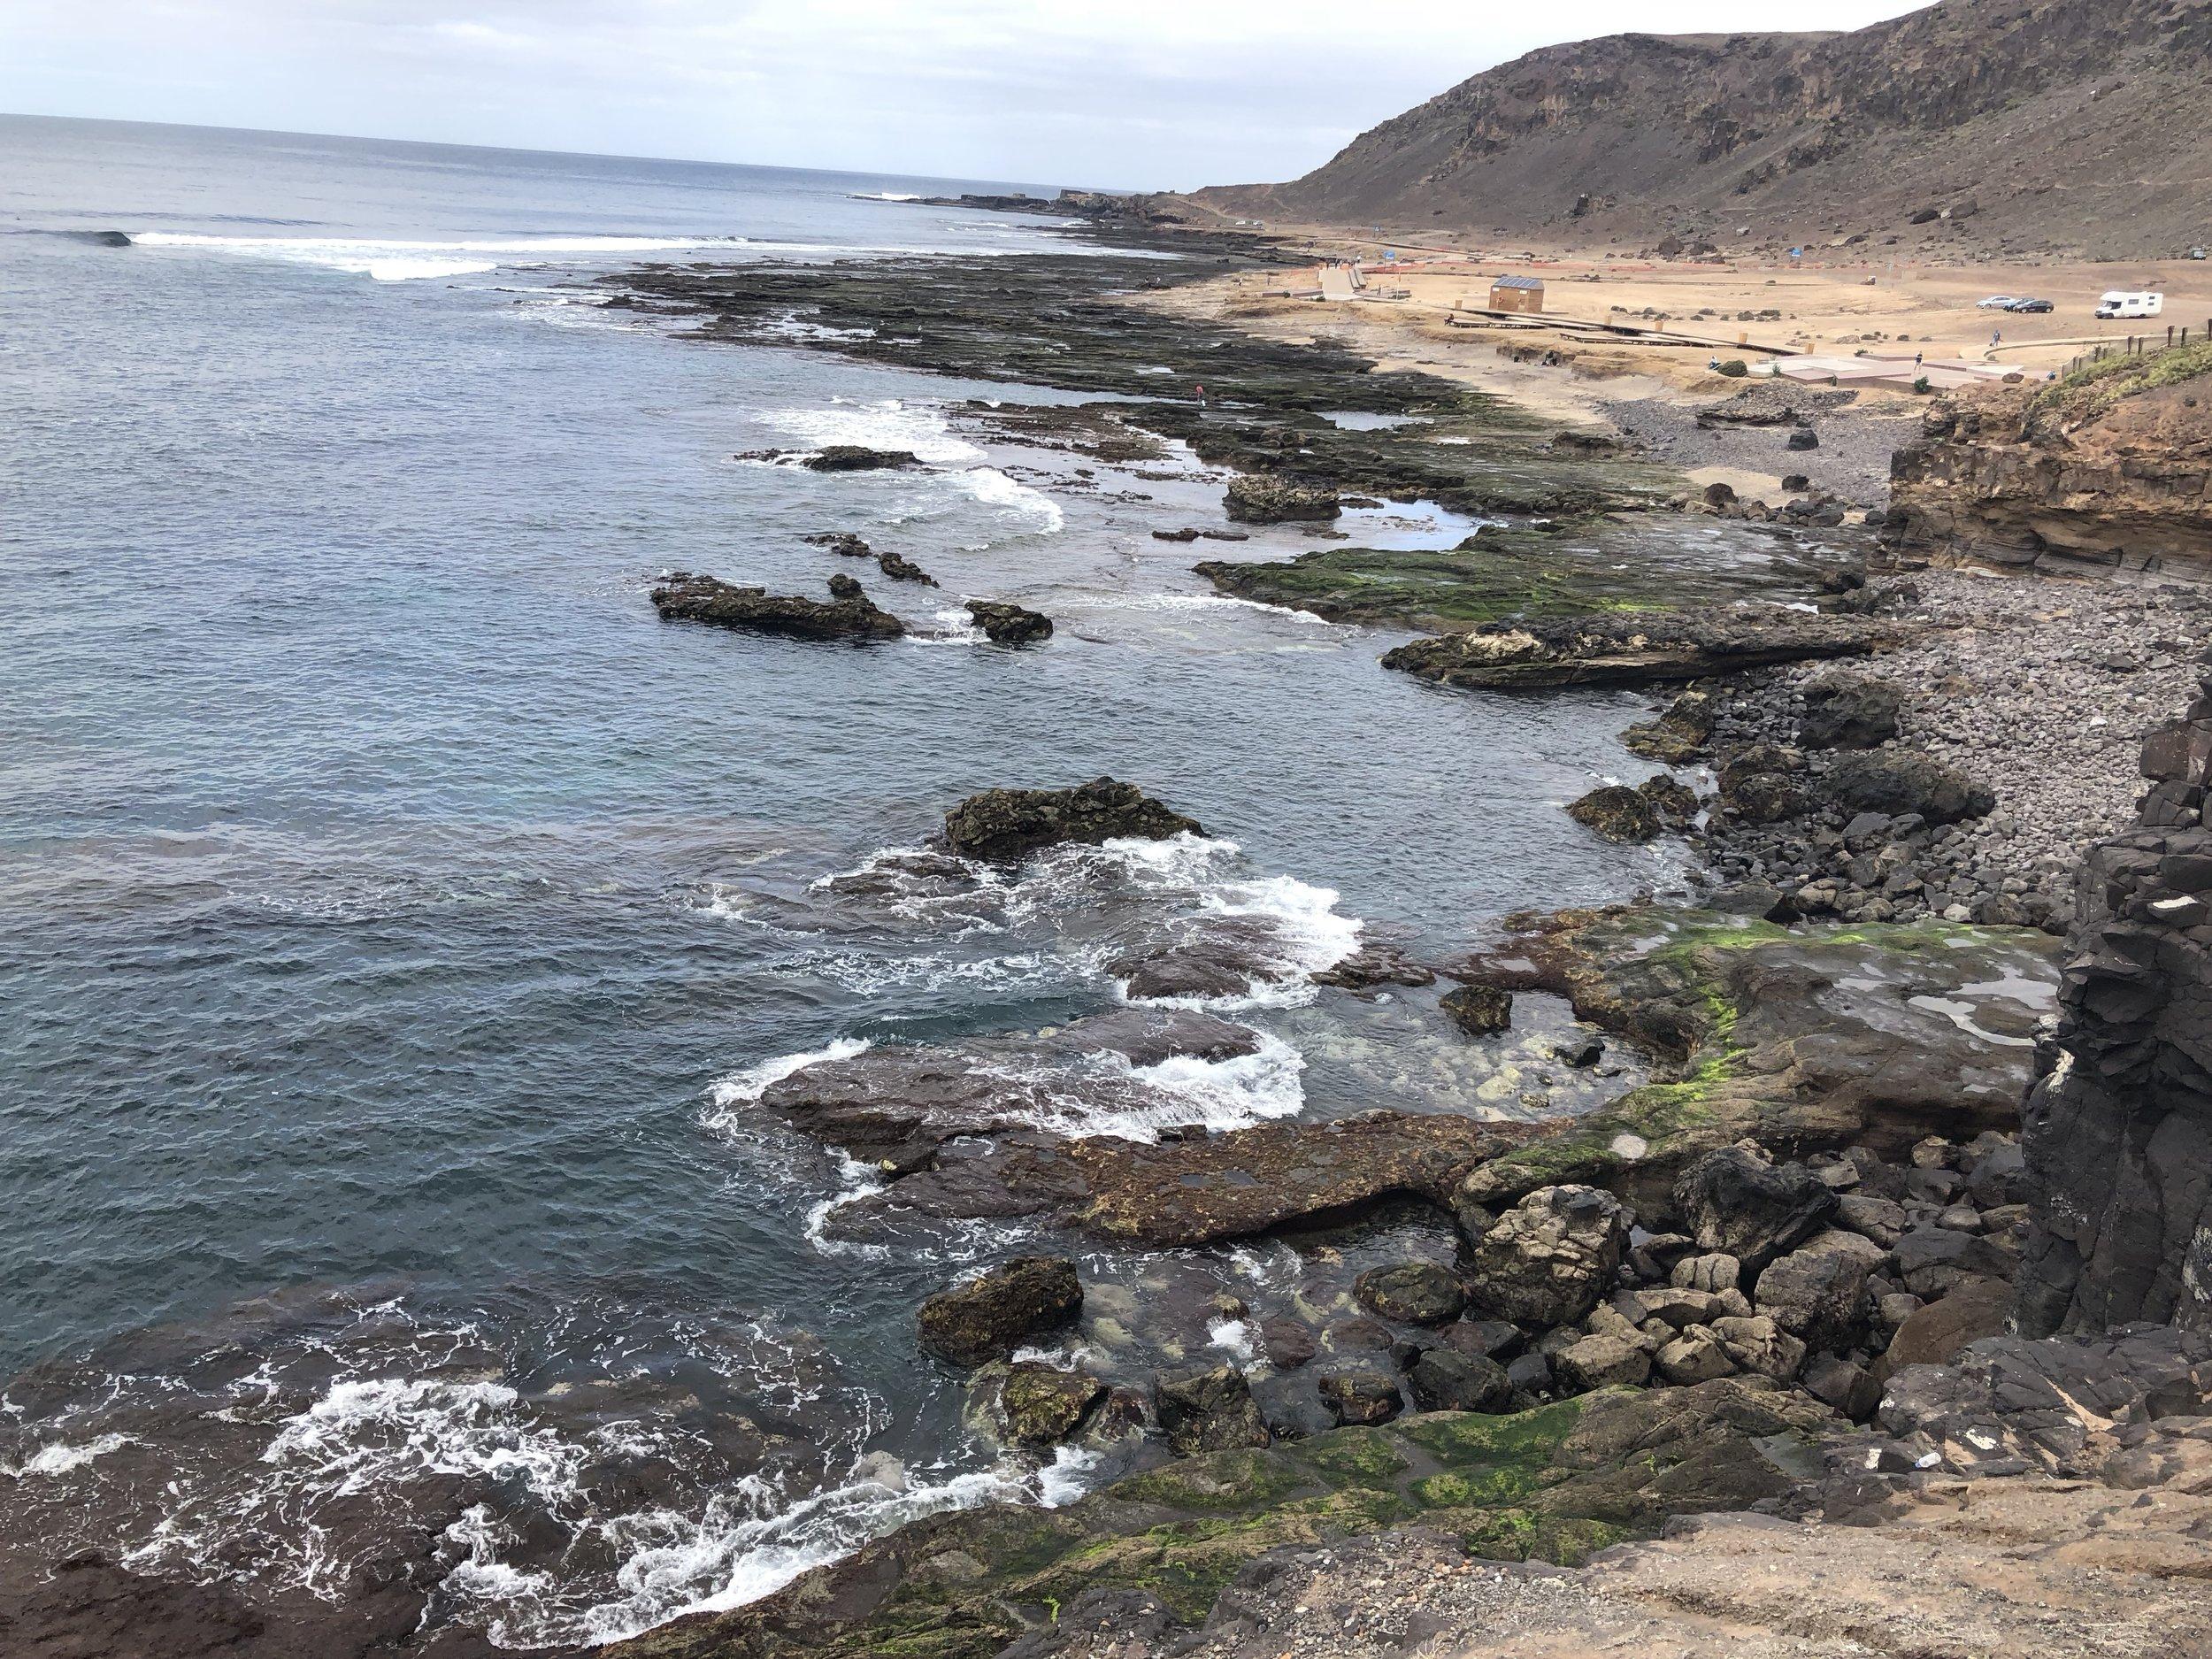 El Confital is a secluded beach north of Las Canteras